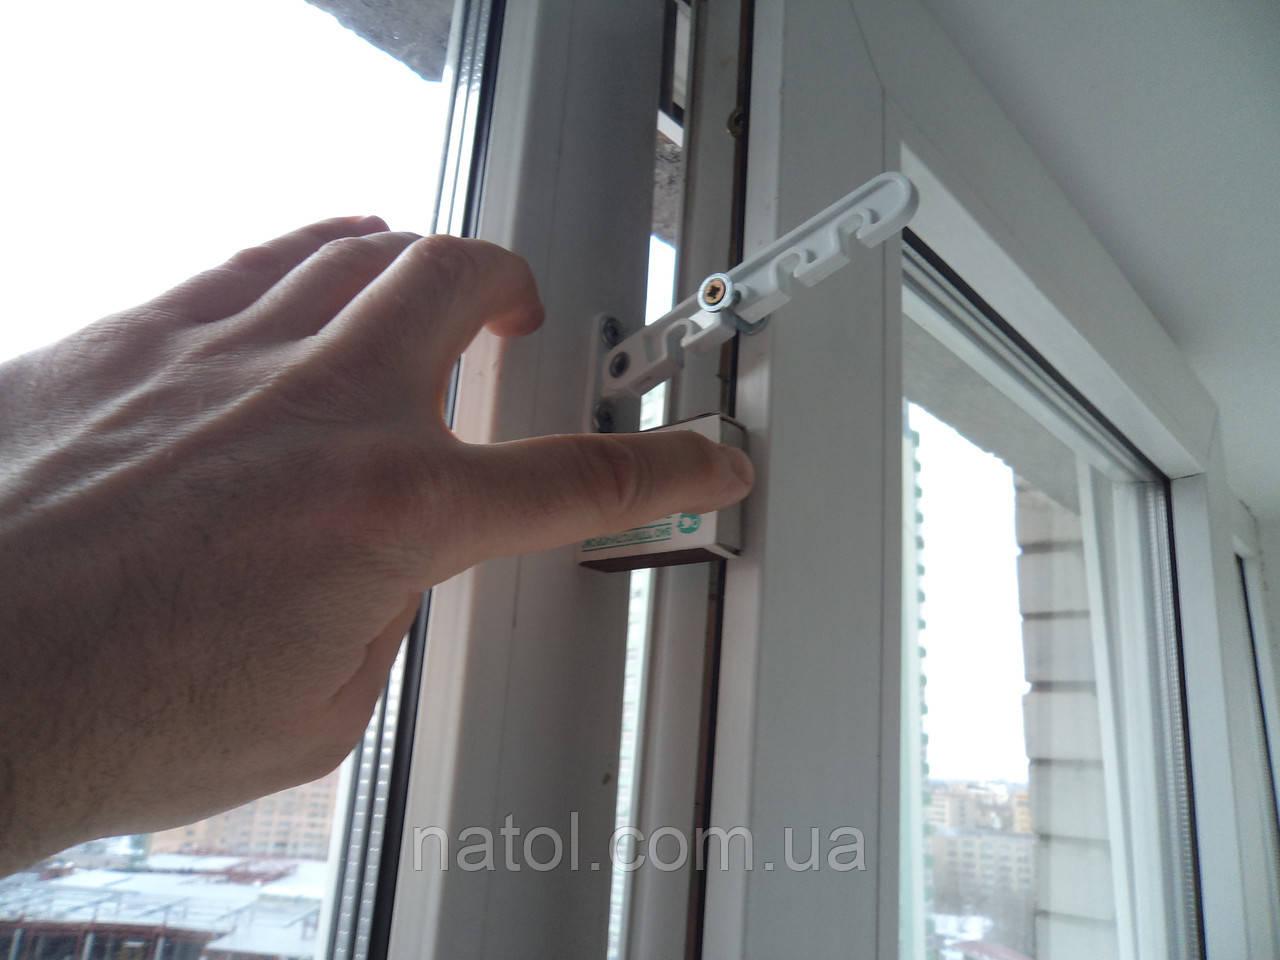 Ограничитель балконной двери своими руками